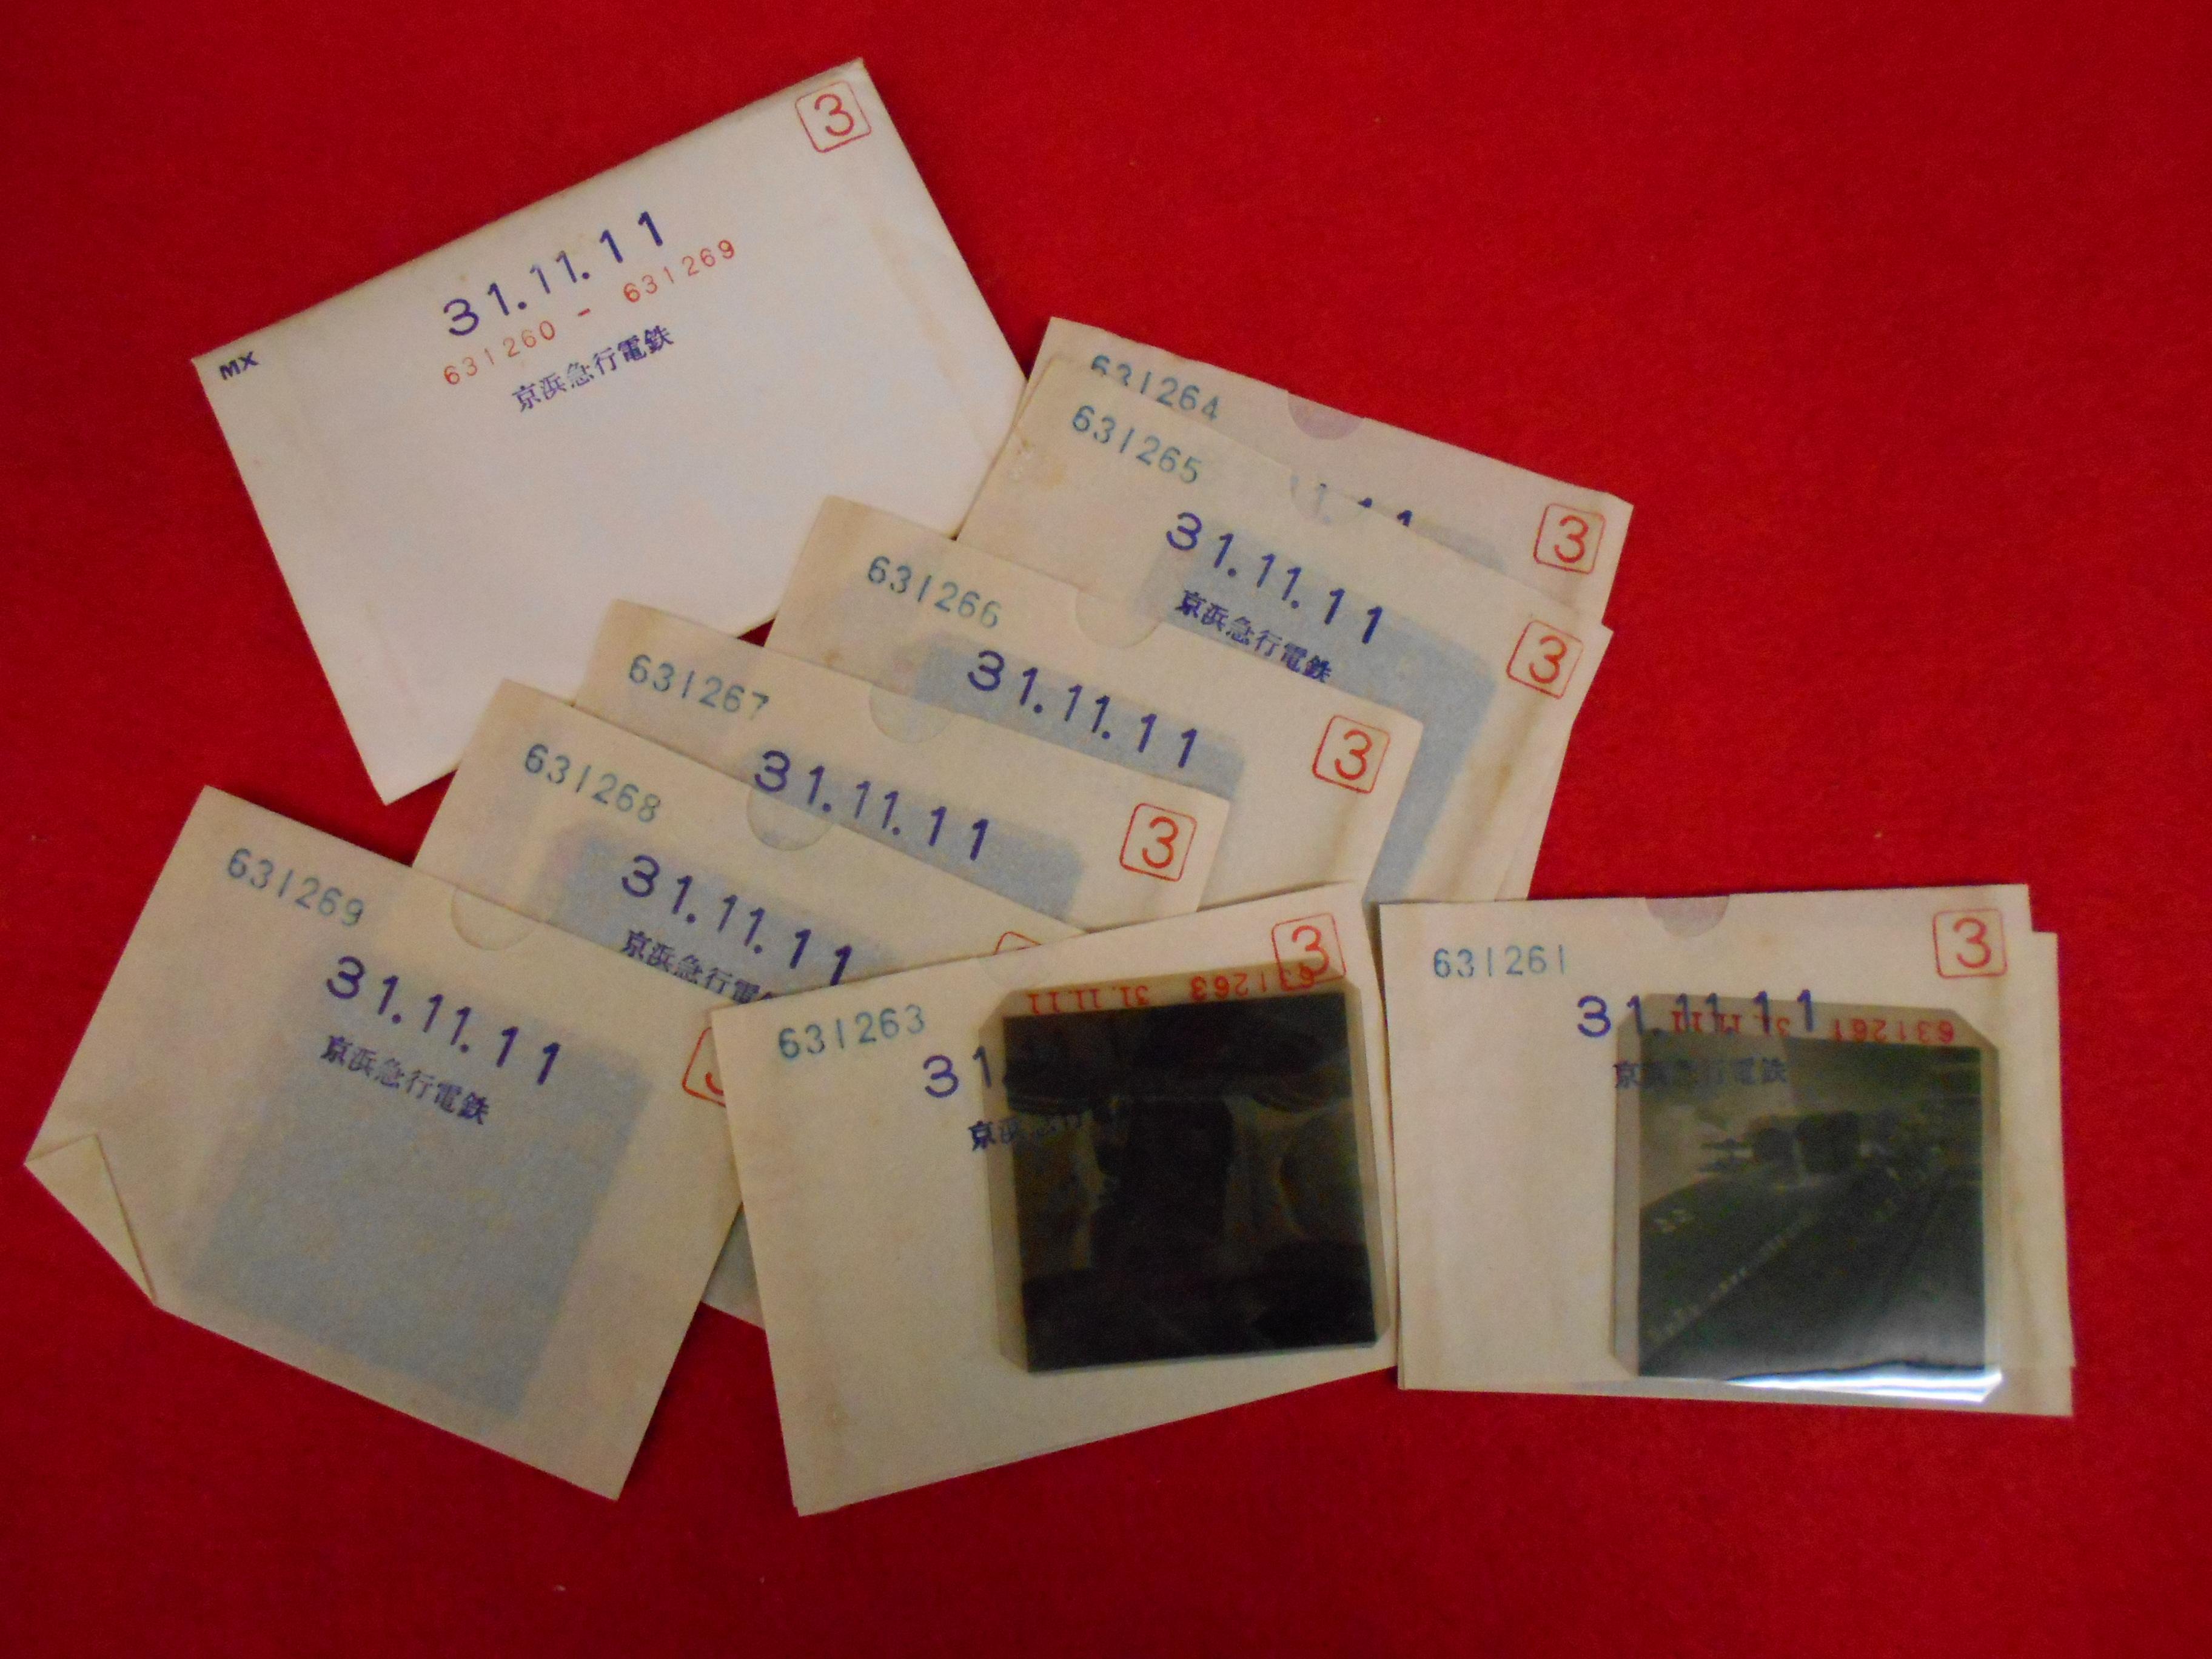 【昭和31年撮影 京王帝都電鉄 駒場・永福町 ネガフィルム】お売りいただきましたの画像